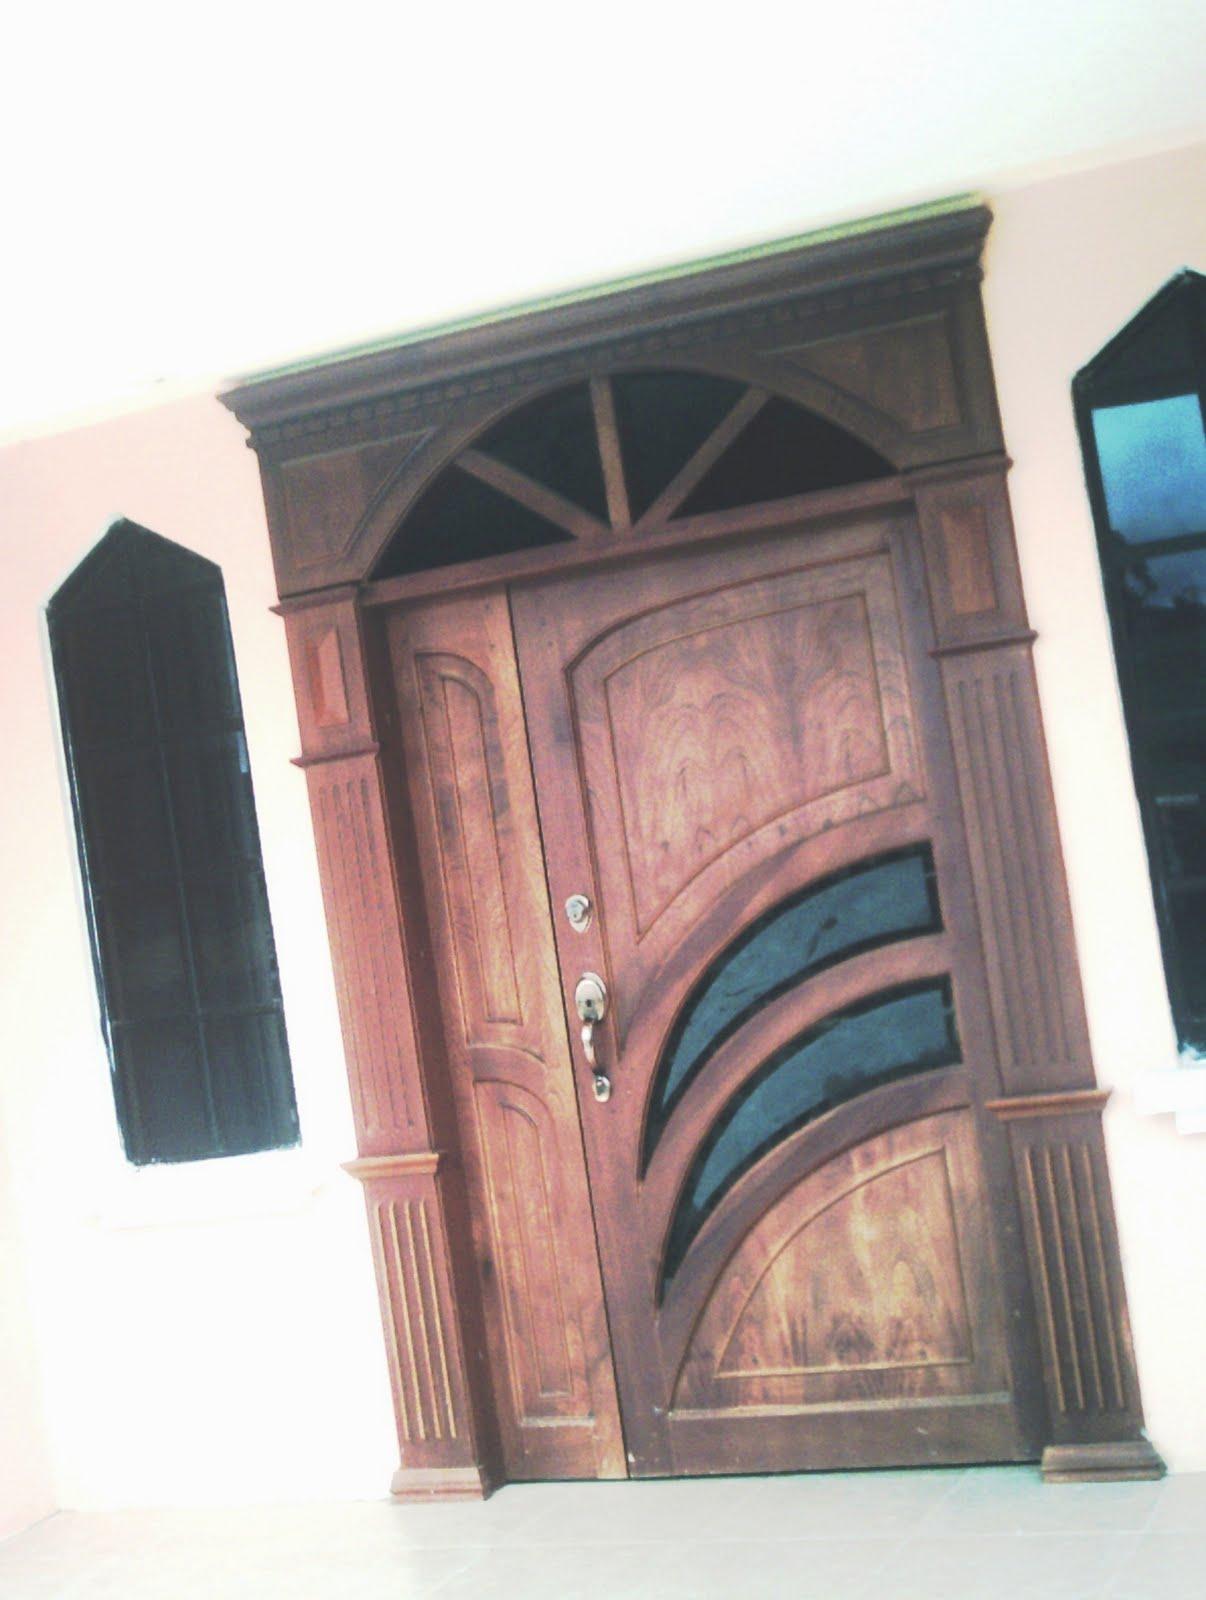 Ideatumobiliario puertas interiores y exteriores para su for Vidrios decorados para puertas interiores